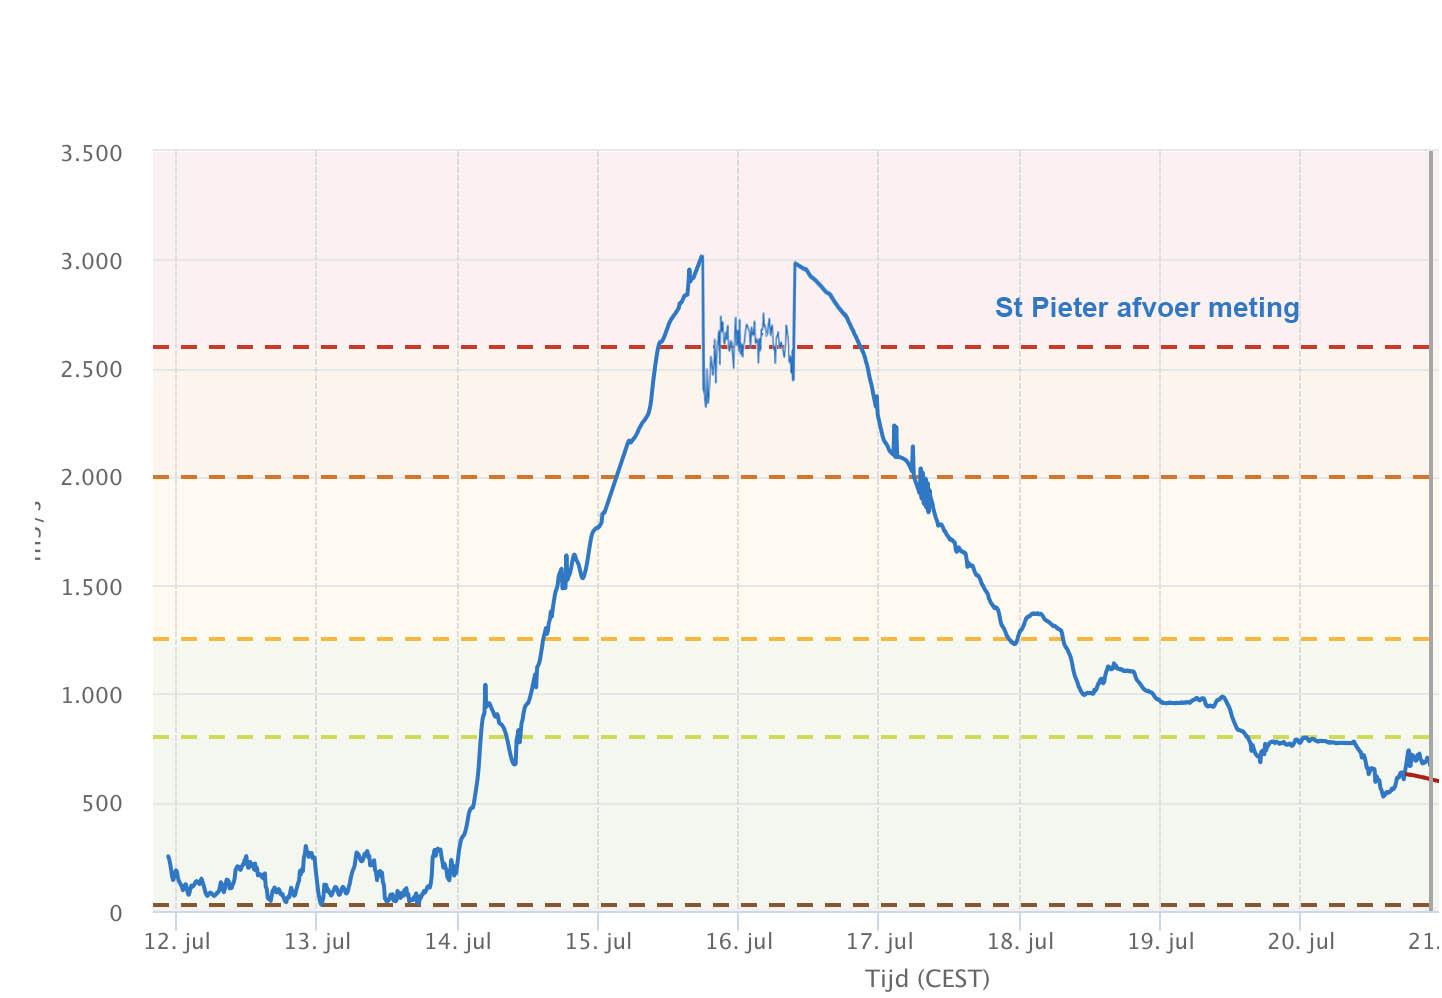 Registratie van de afvoergolf bij St Pieter op de website waterinfo.nl ten tijde van de passage.